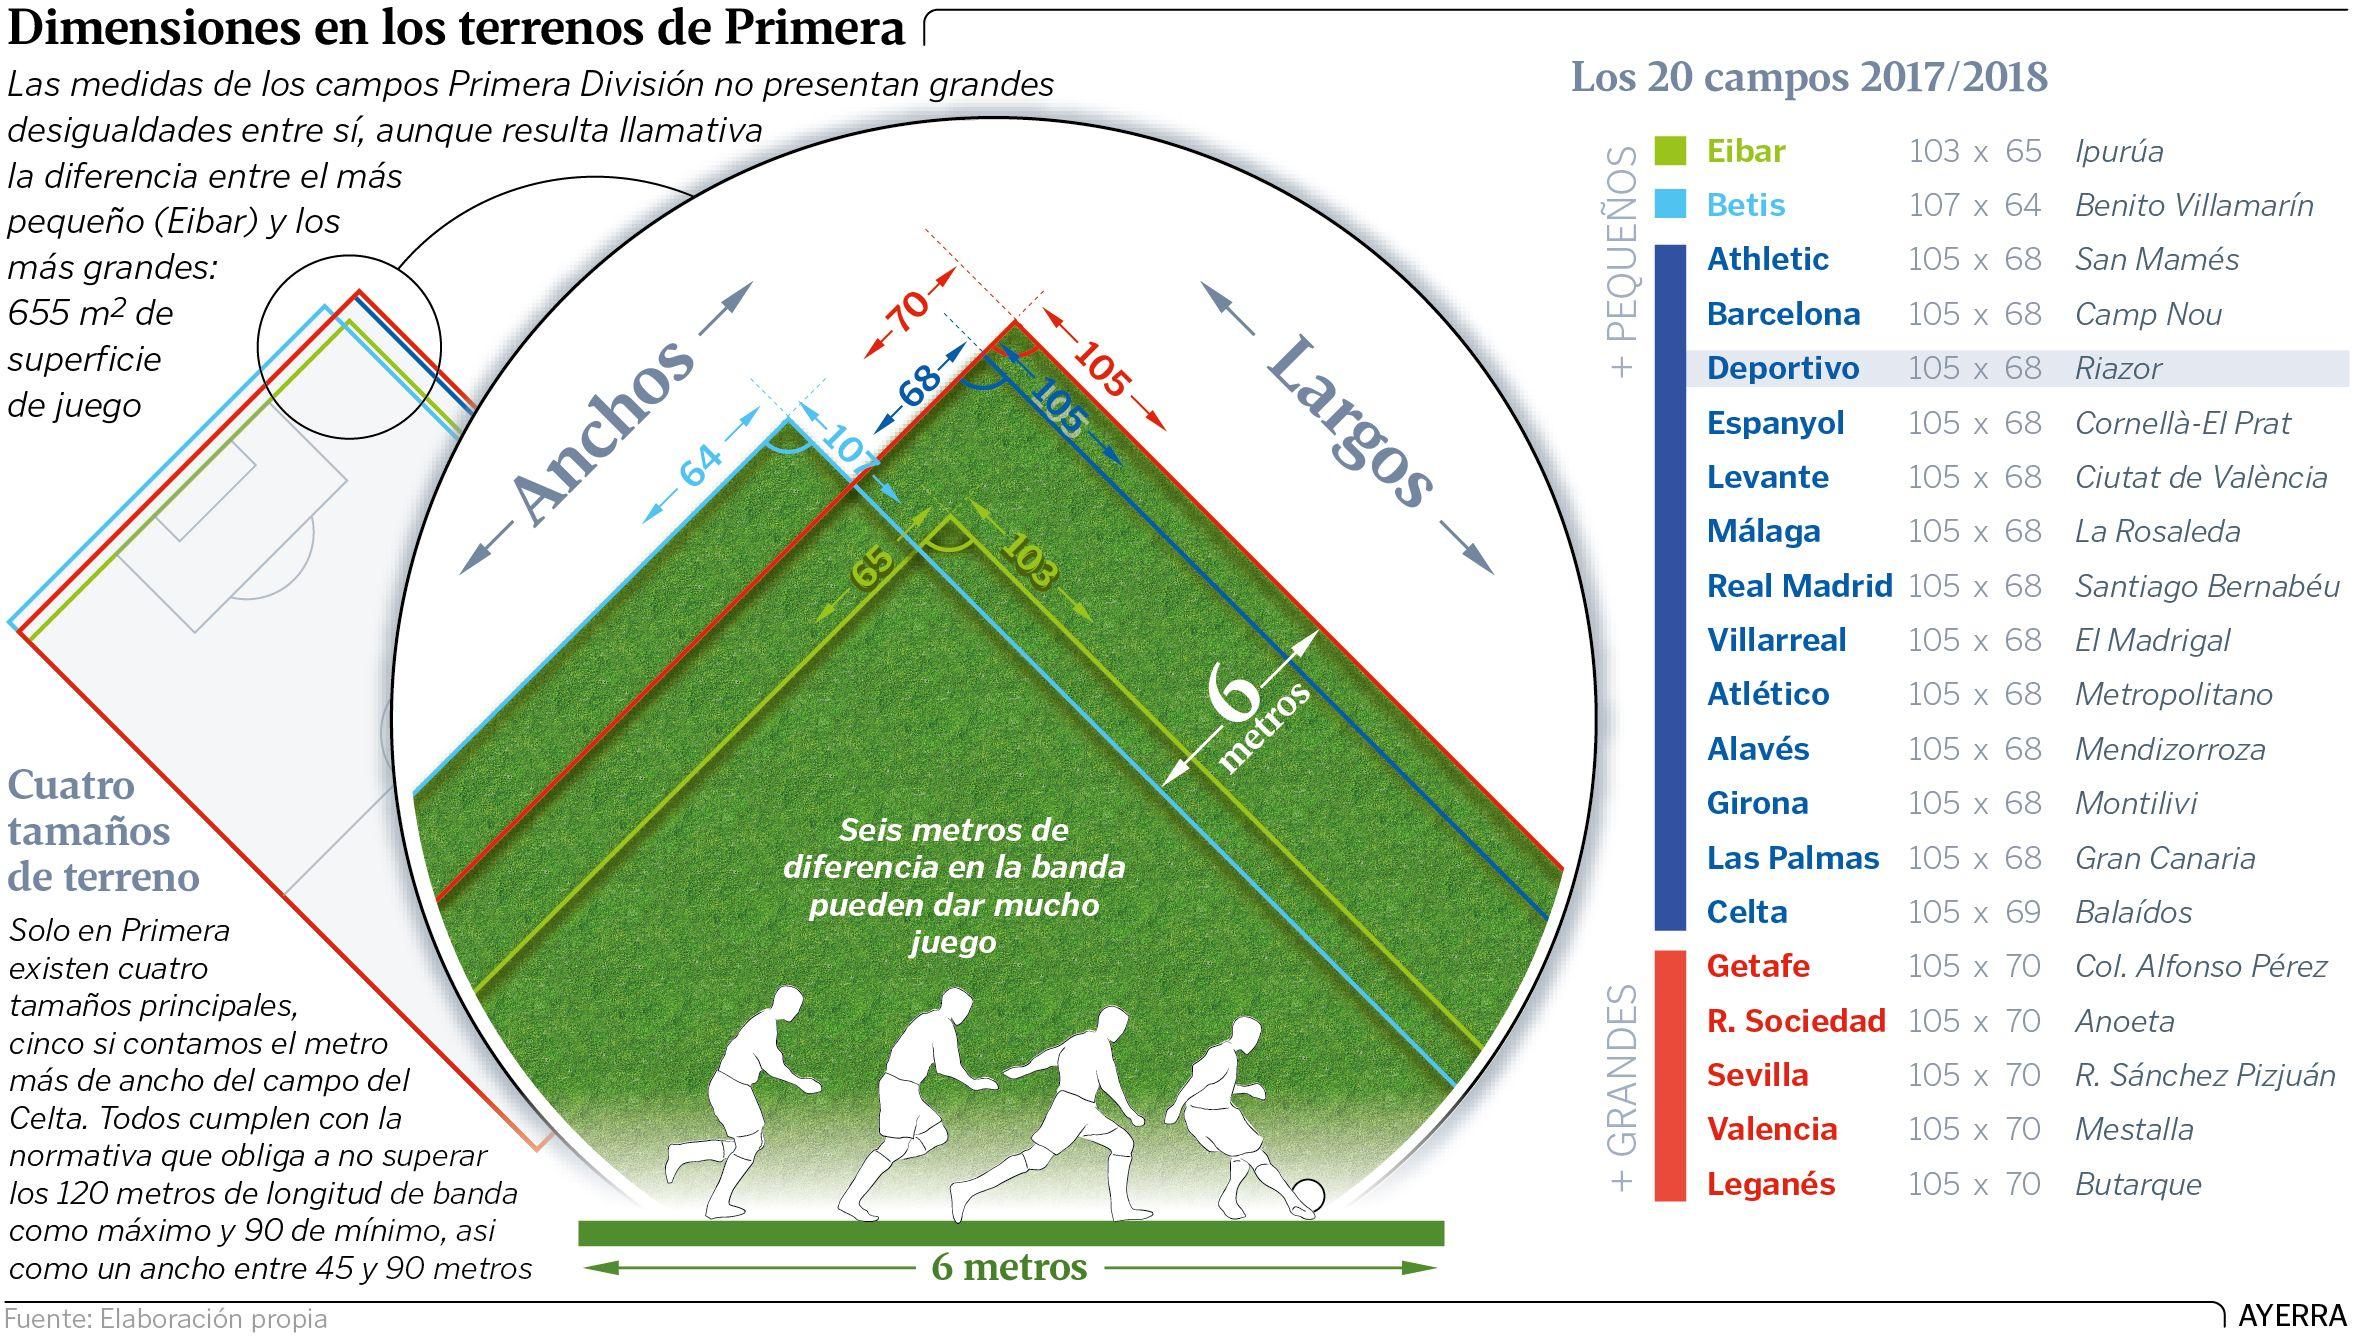 Dimensiones en los terrenos de Primera